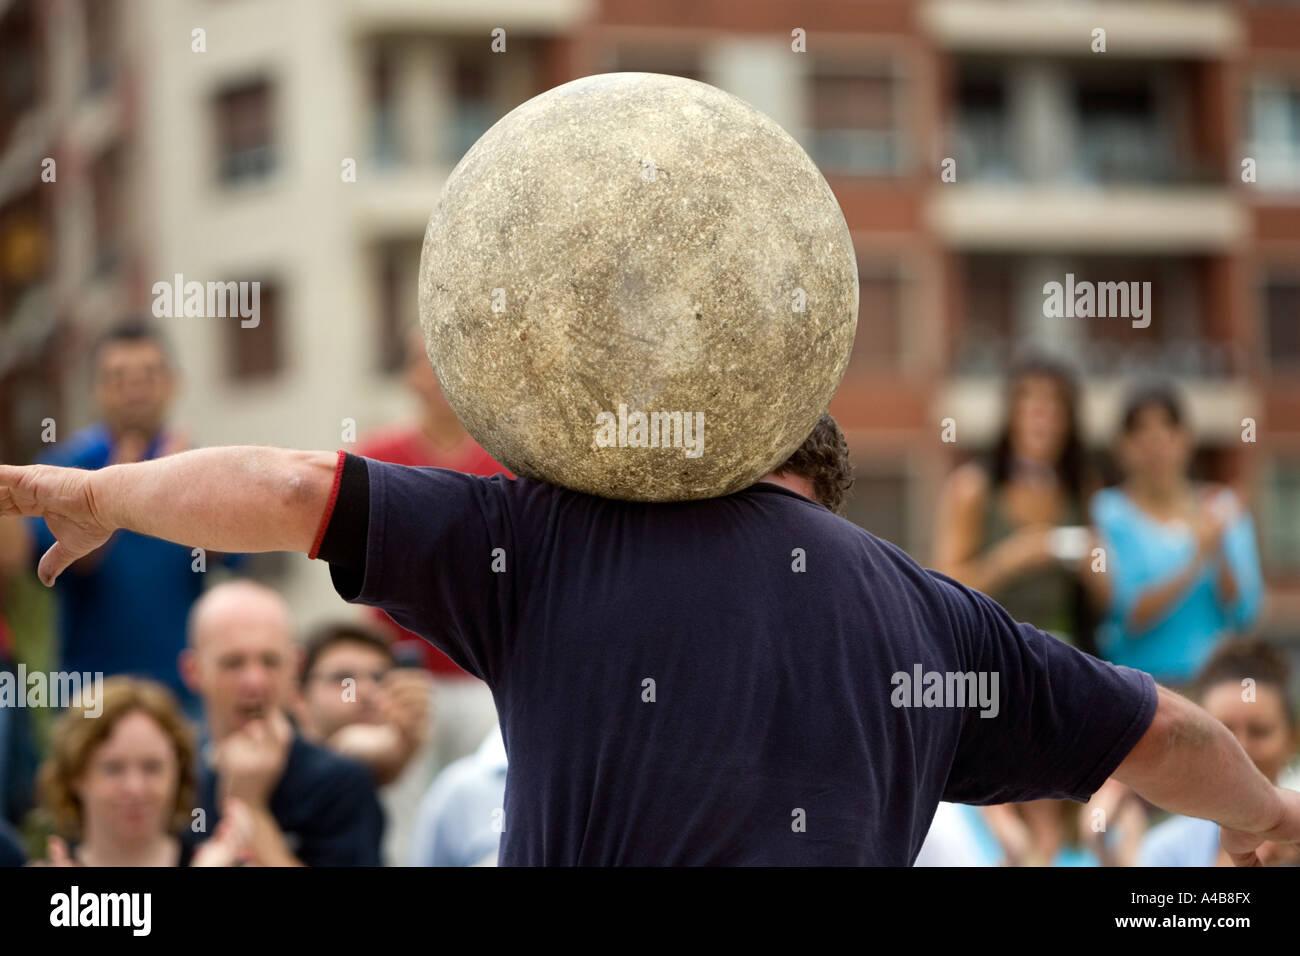 Harrijasotzaileak (stone lifting) competitor carrying granite ball